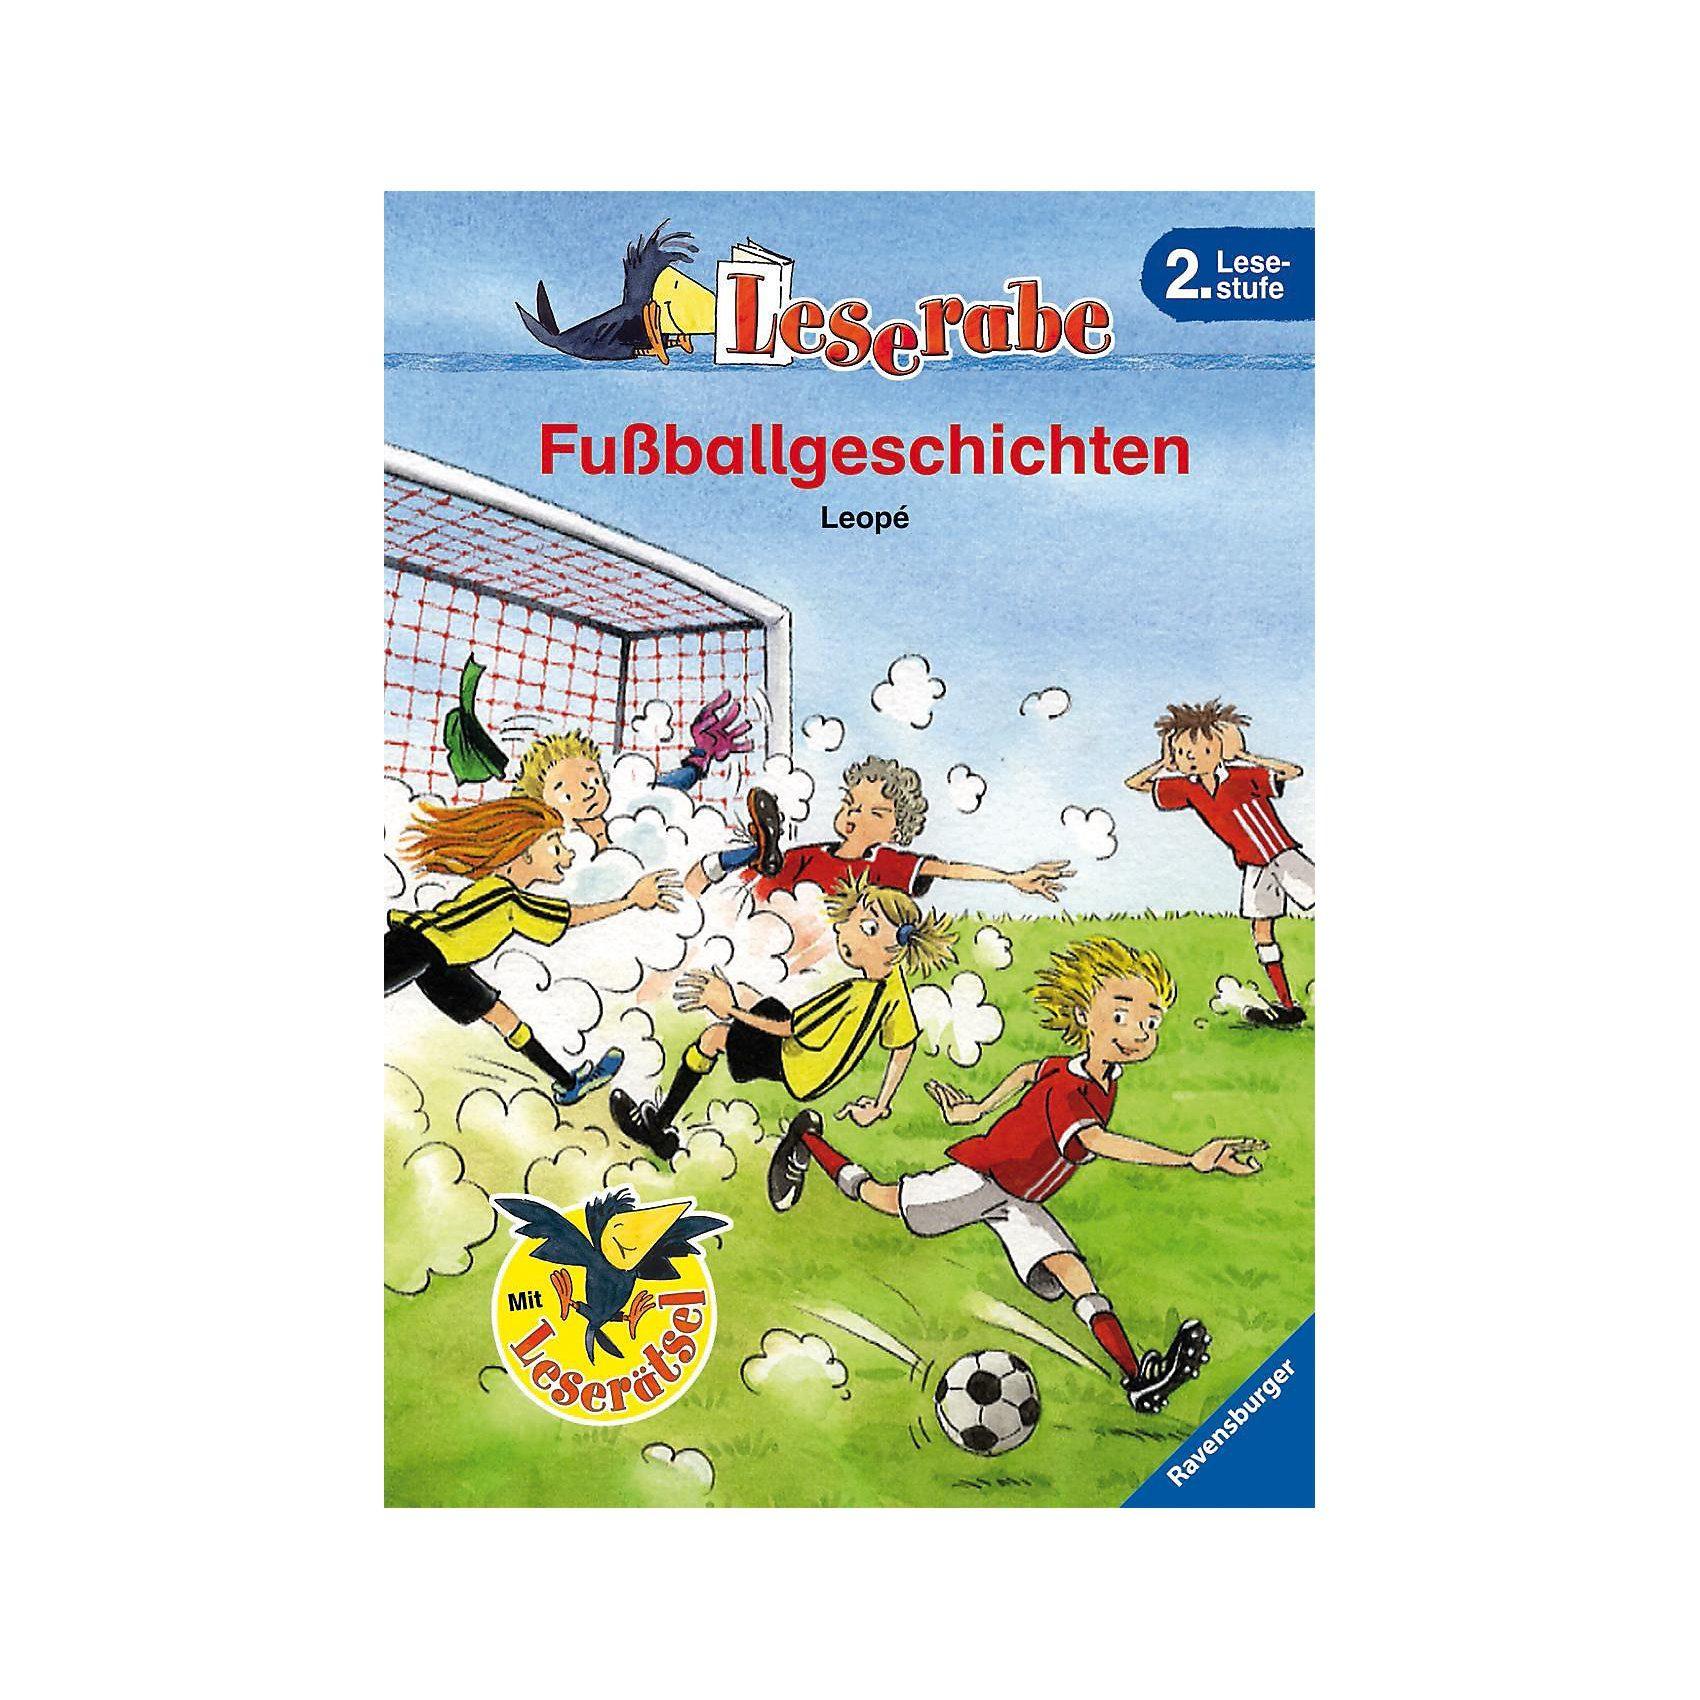 Ravensburger Leserabe 2: Fußballgeschichten